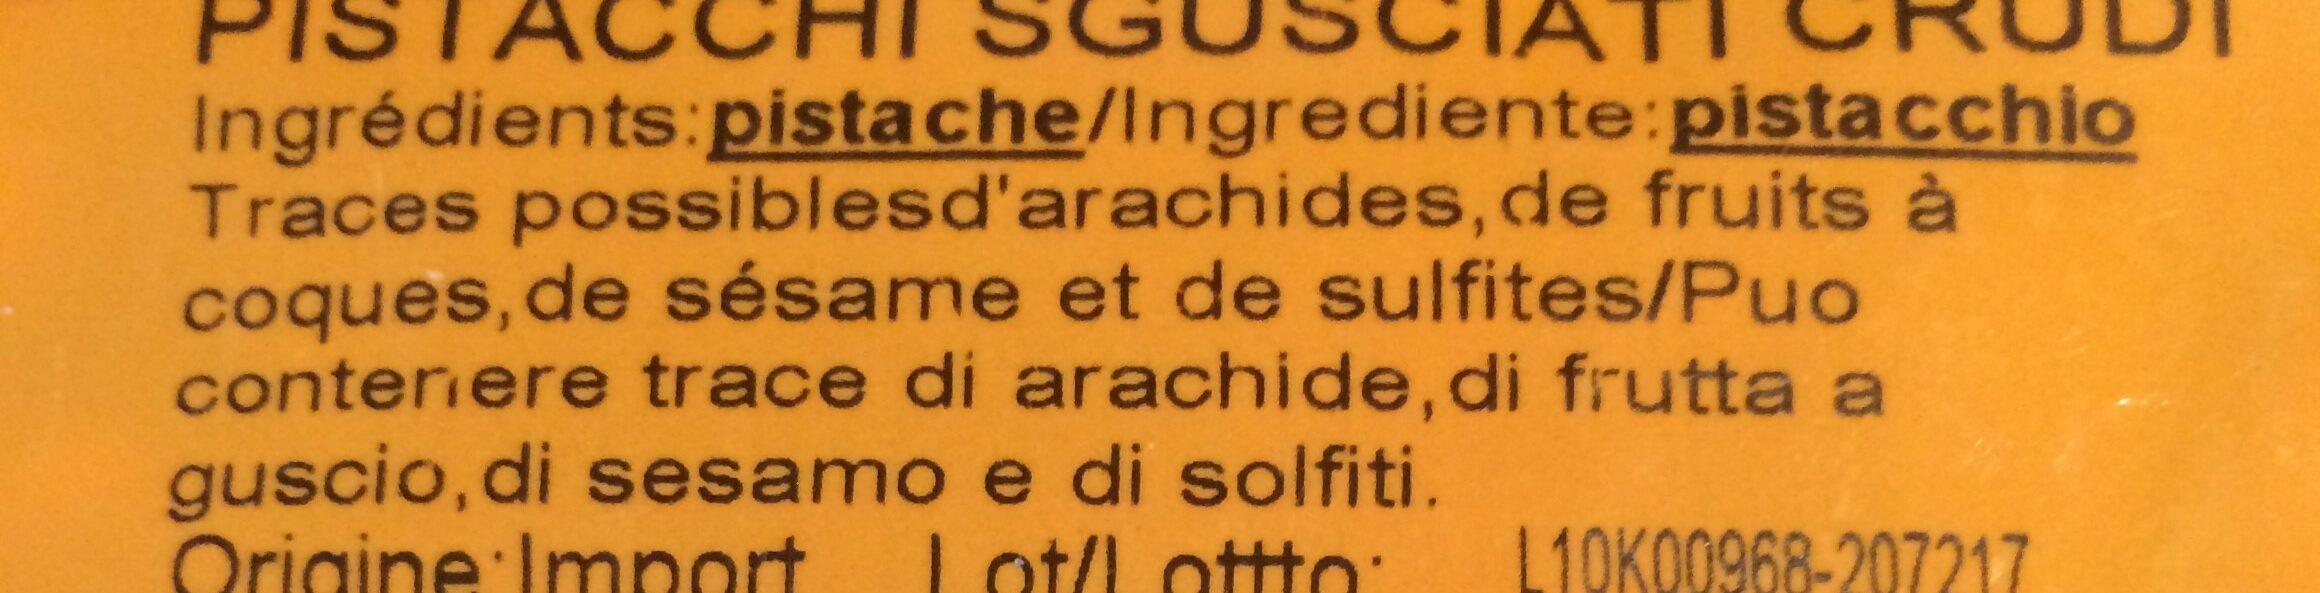 Pistache Décortiquée B &S Sachet - Ingredients